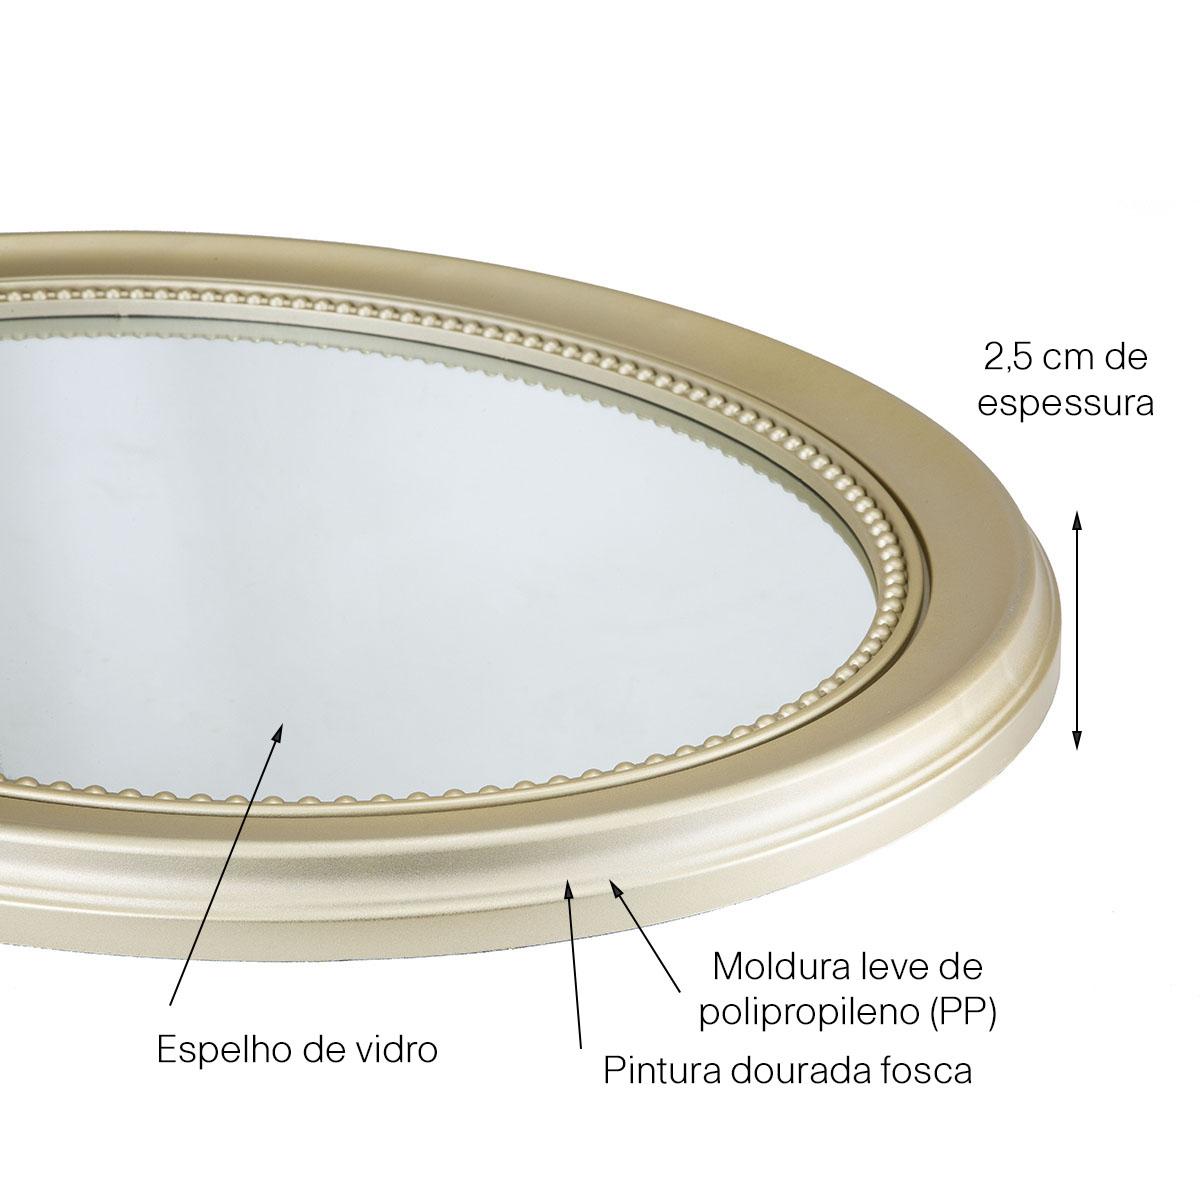 Espelho Decorativo Inova Vinty 56x70cm Dourado Fosco